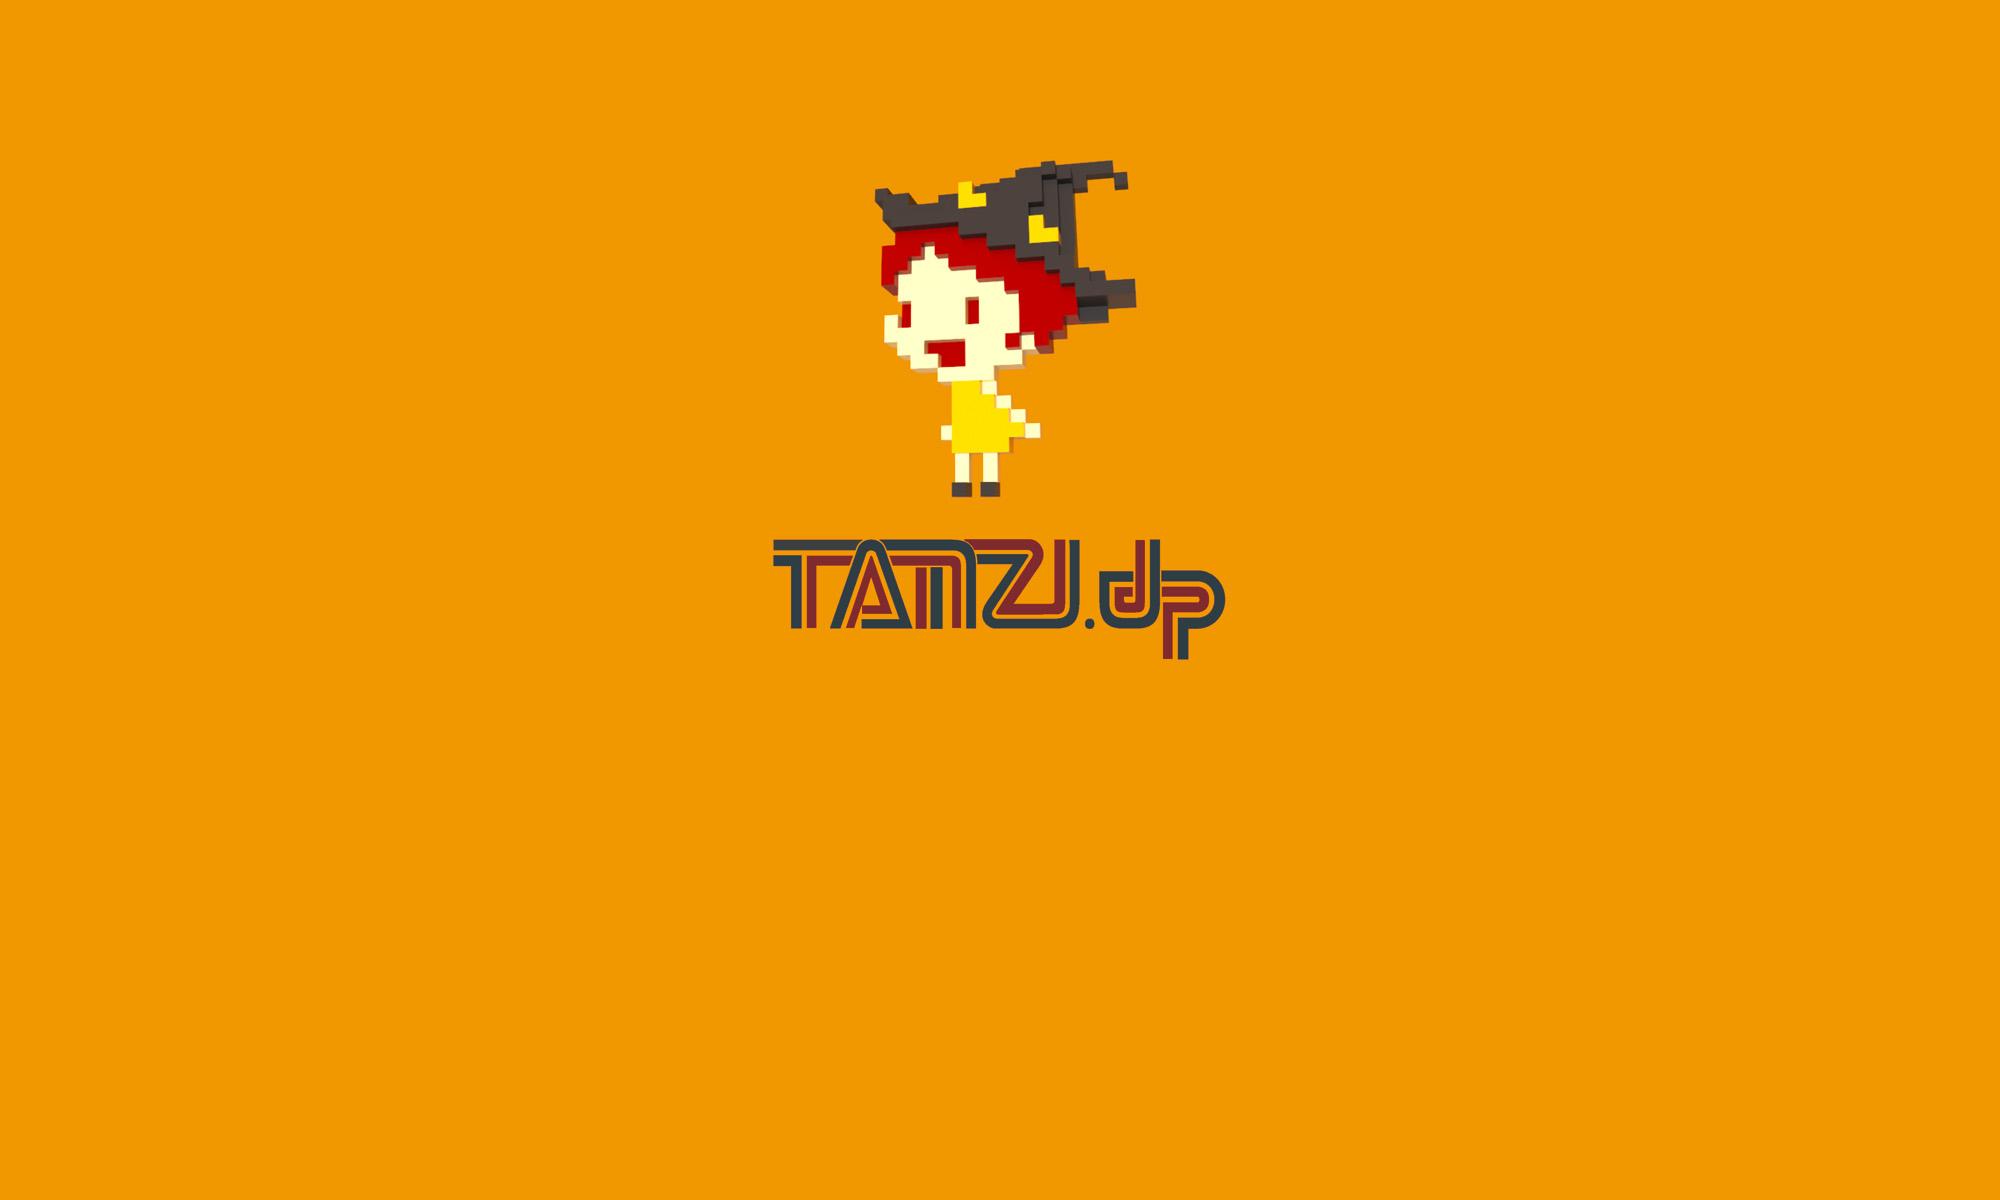 TANZI.jp